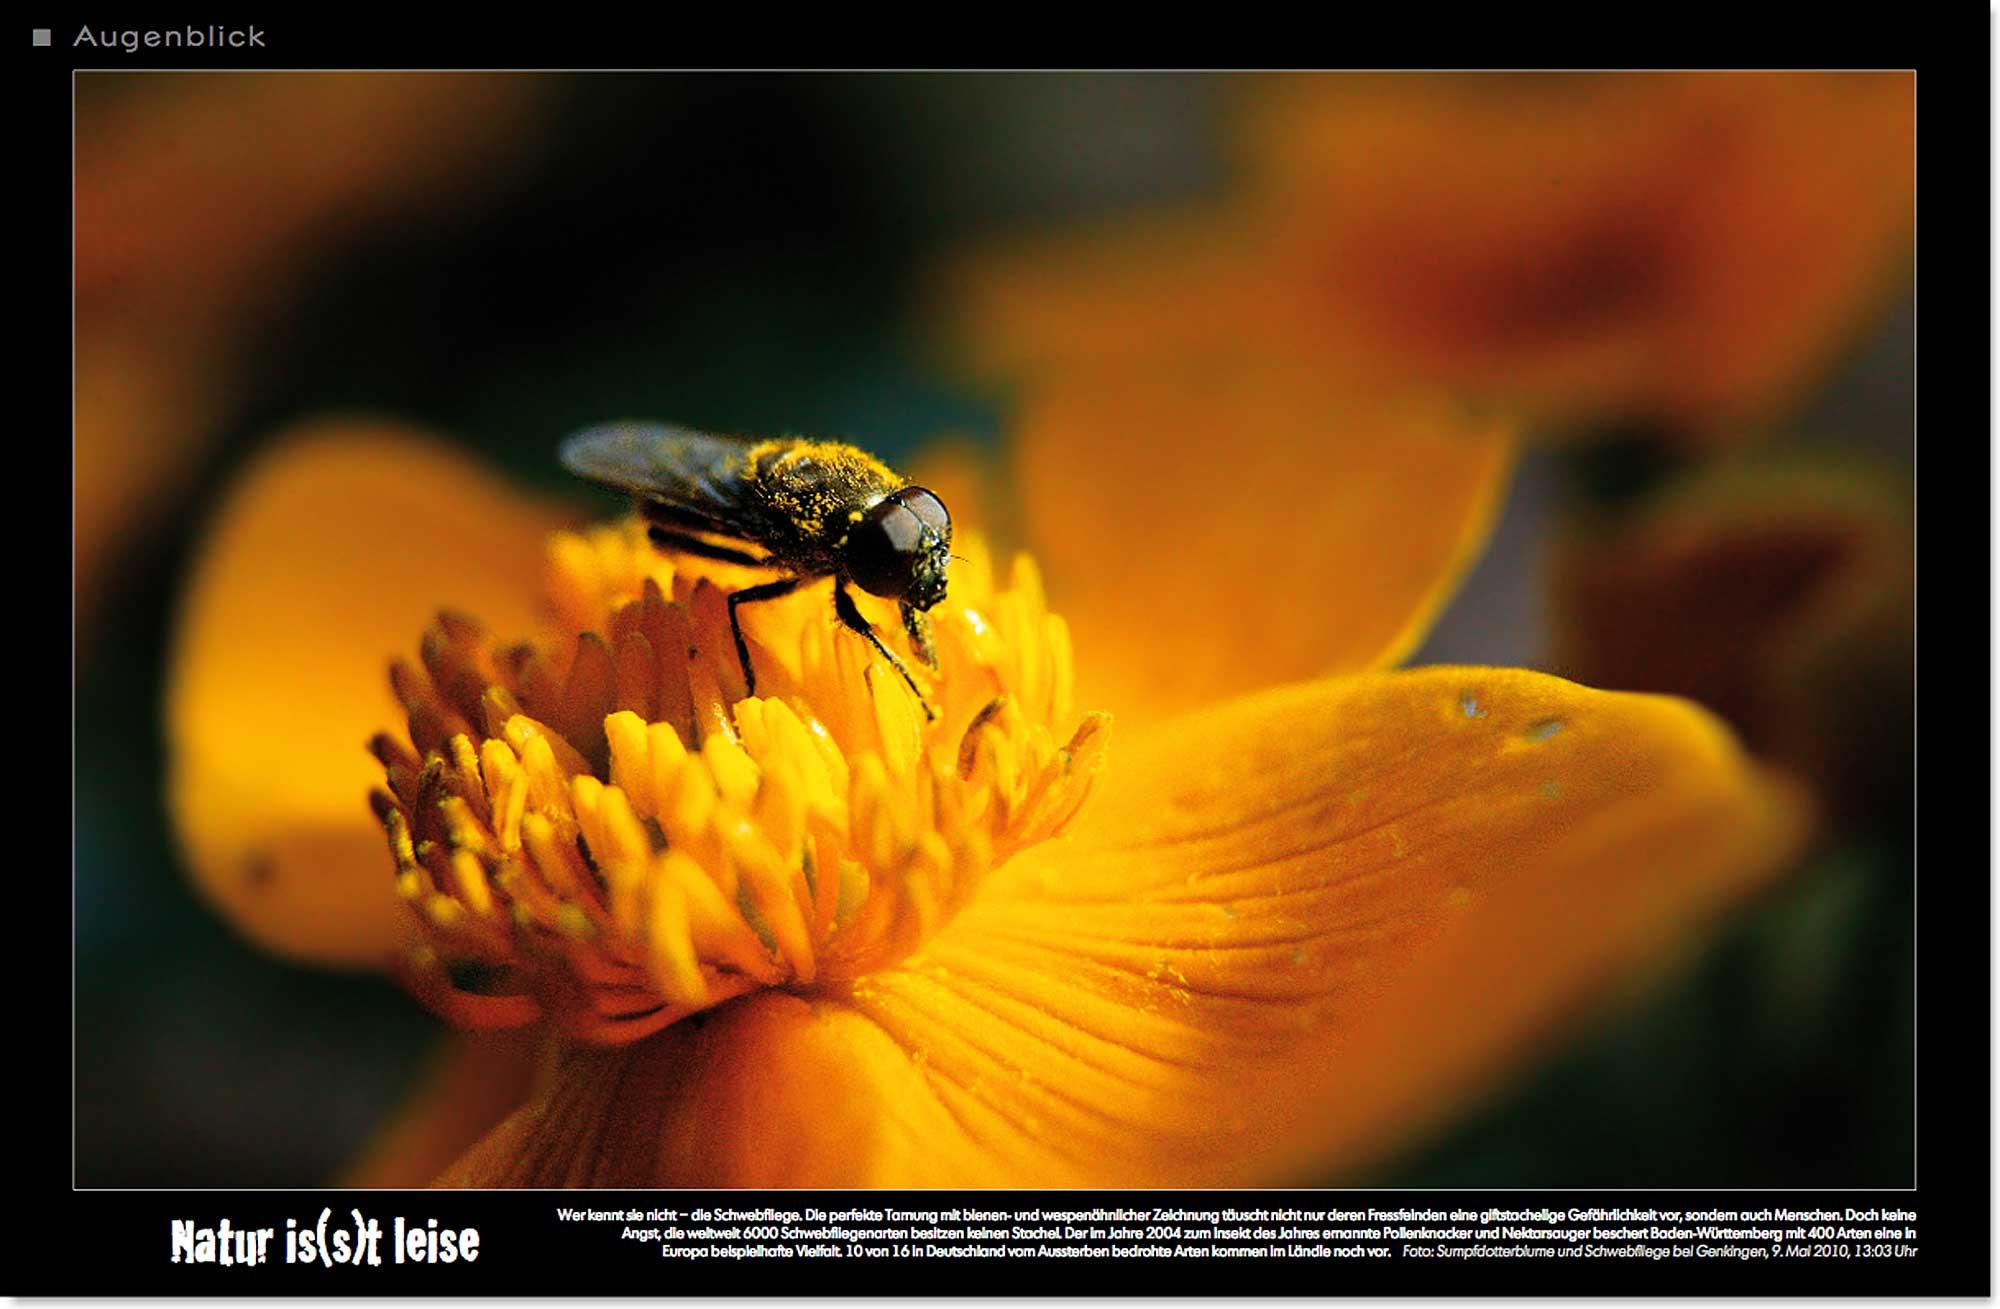 Sumpfdotterblume_Schwebfliege_Pollen